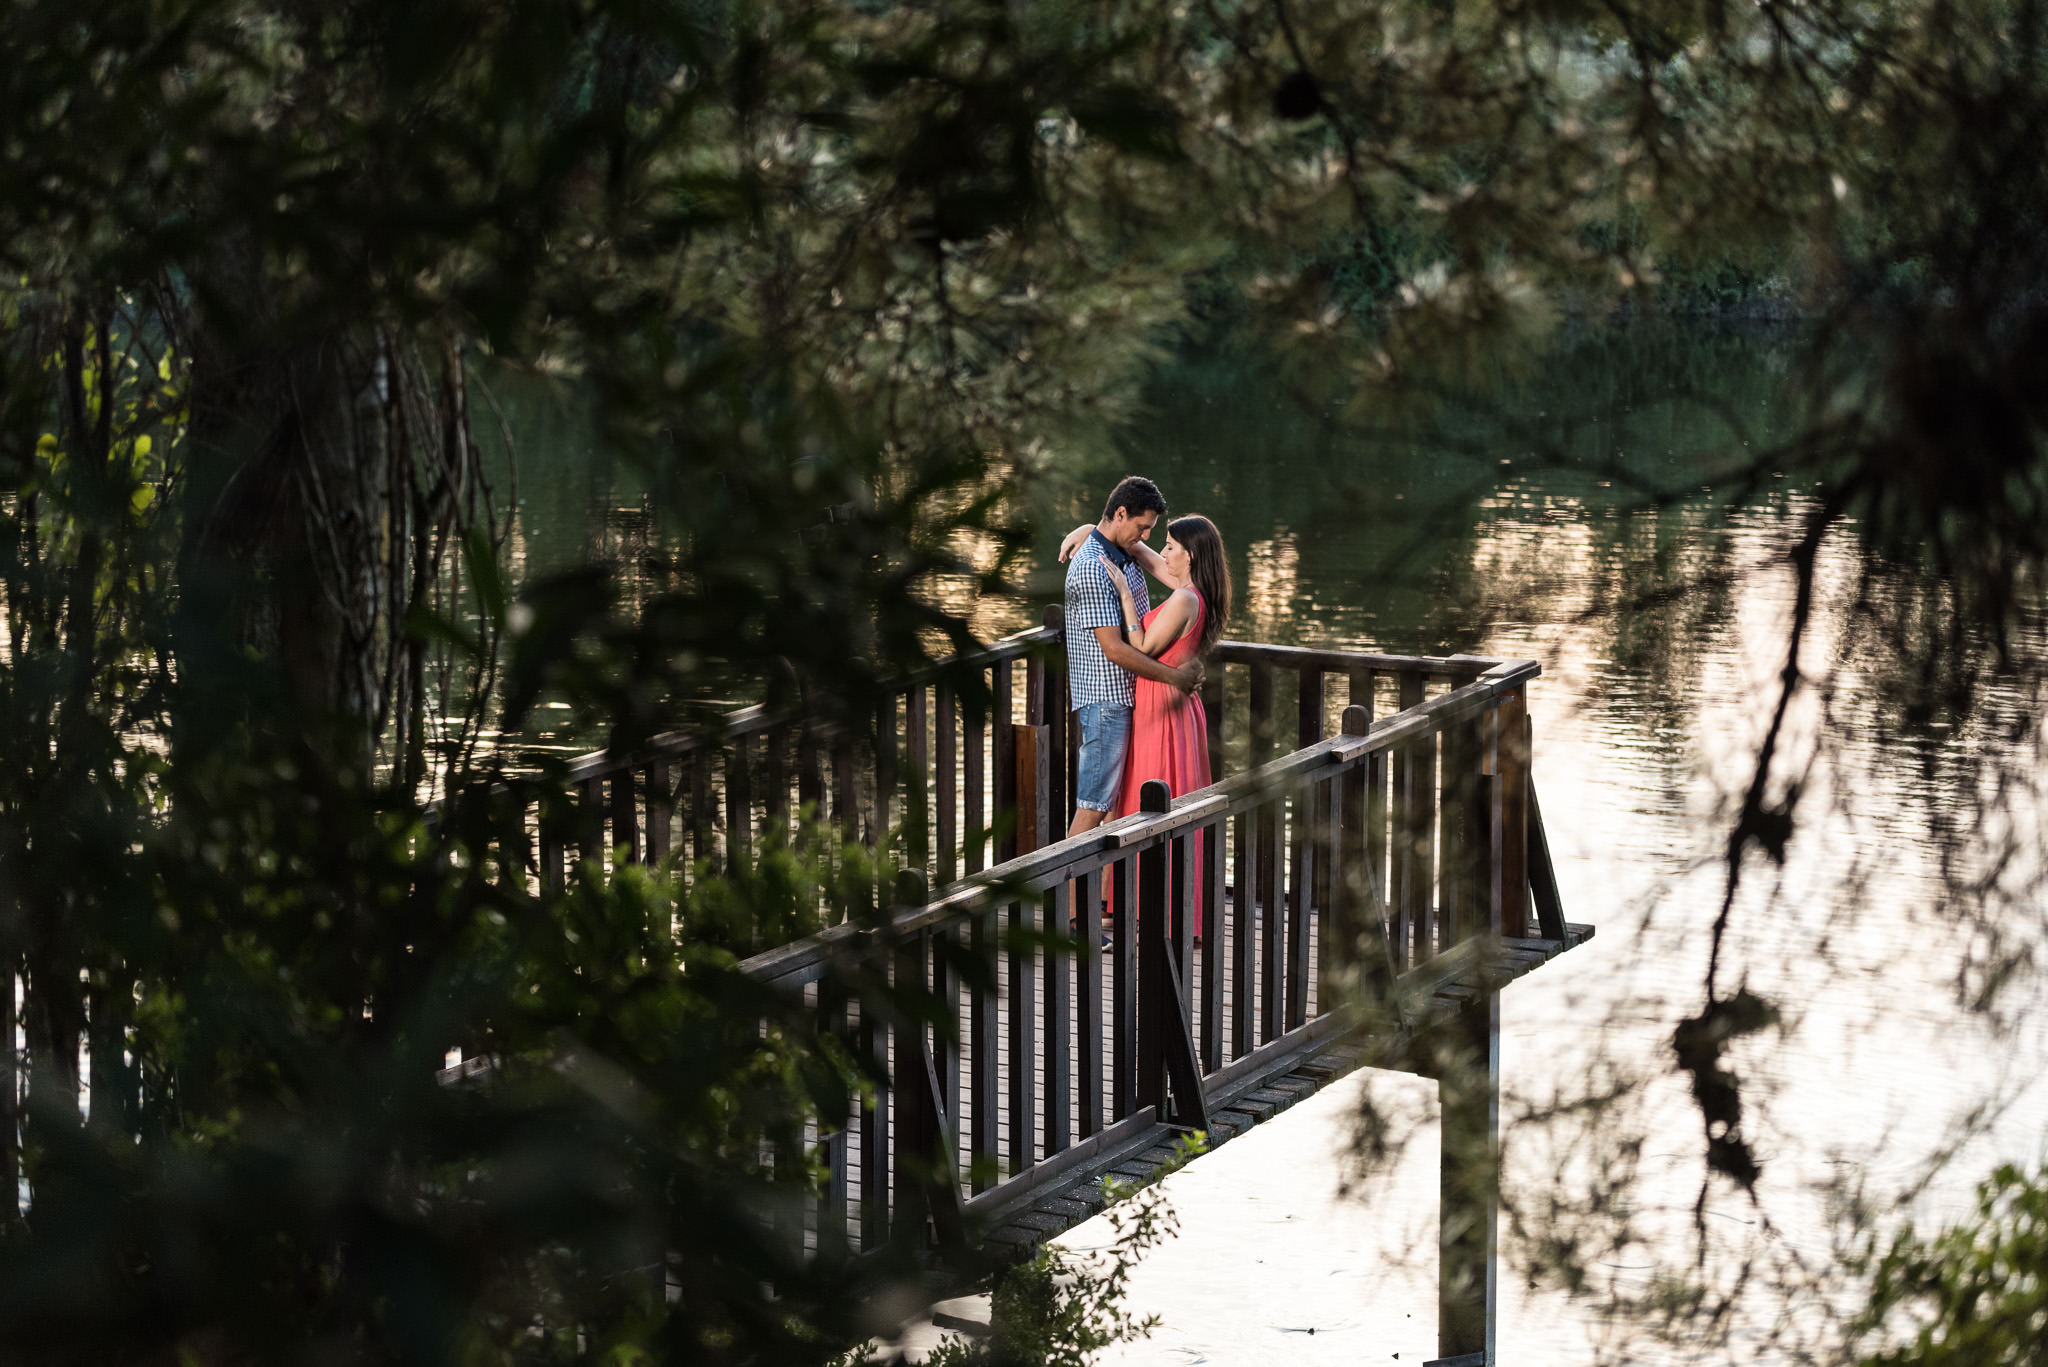 Φωτογράφιση Pre Wedding στη Θέρμη Θεσσαλονίκης Χάρης Αβραμίδης Charis Avramidis Photography Giannitsa